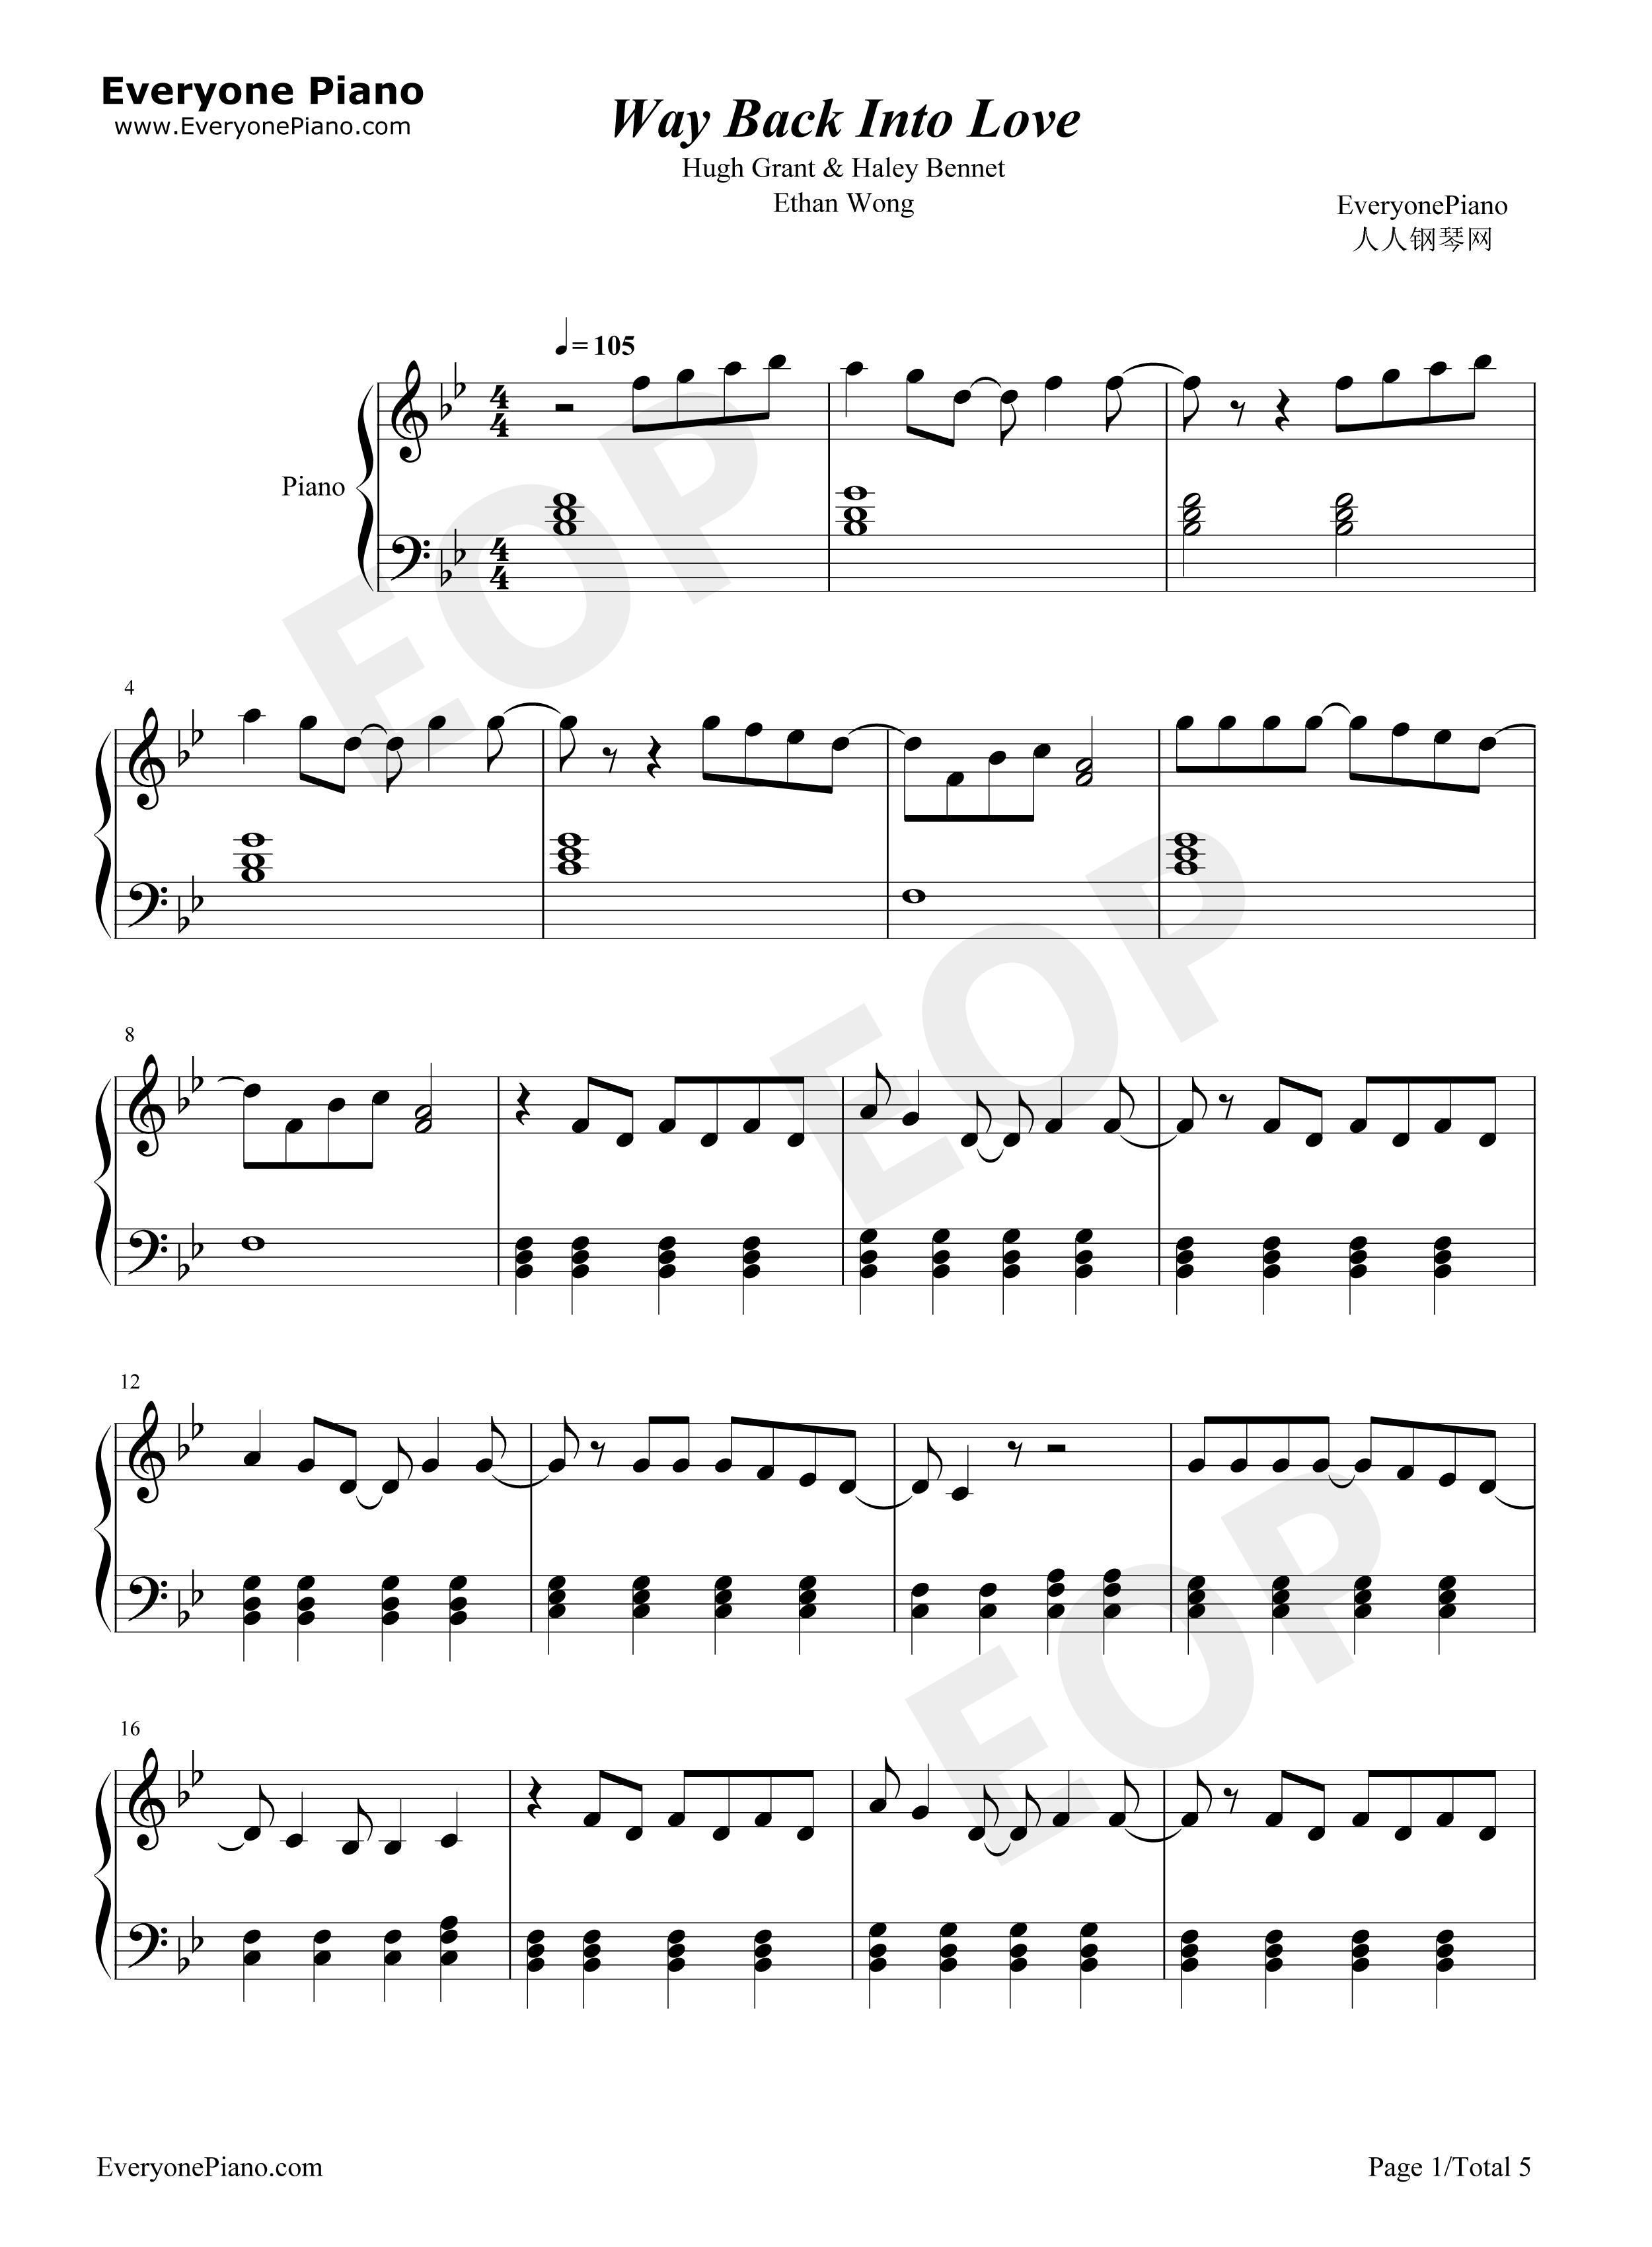 28,断音练习 歌谱简谱网; 练习曲合集:28,断音练习_萨克斯谱_歌谱123